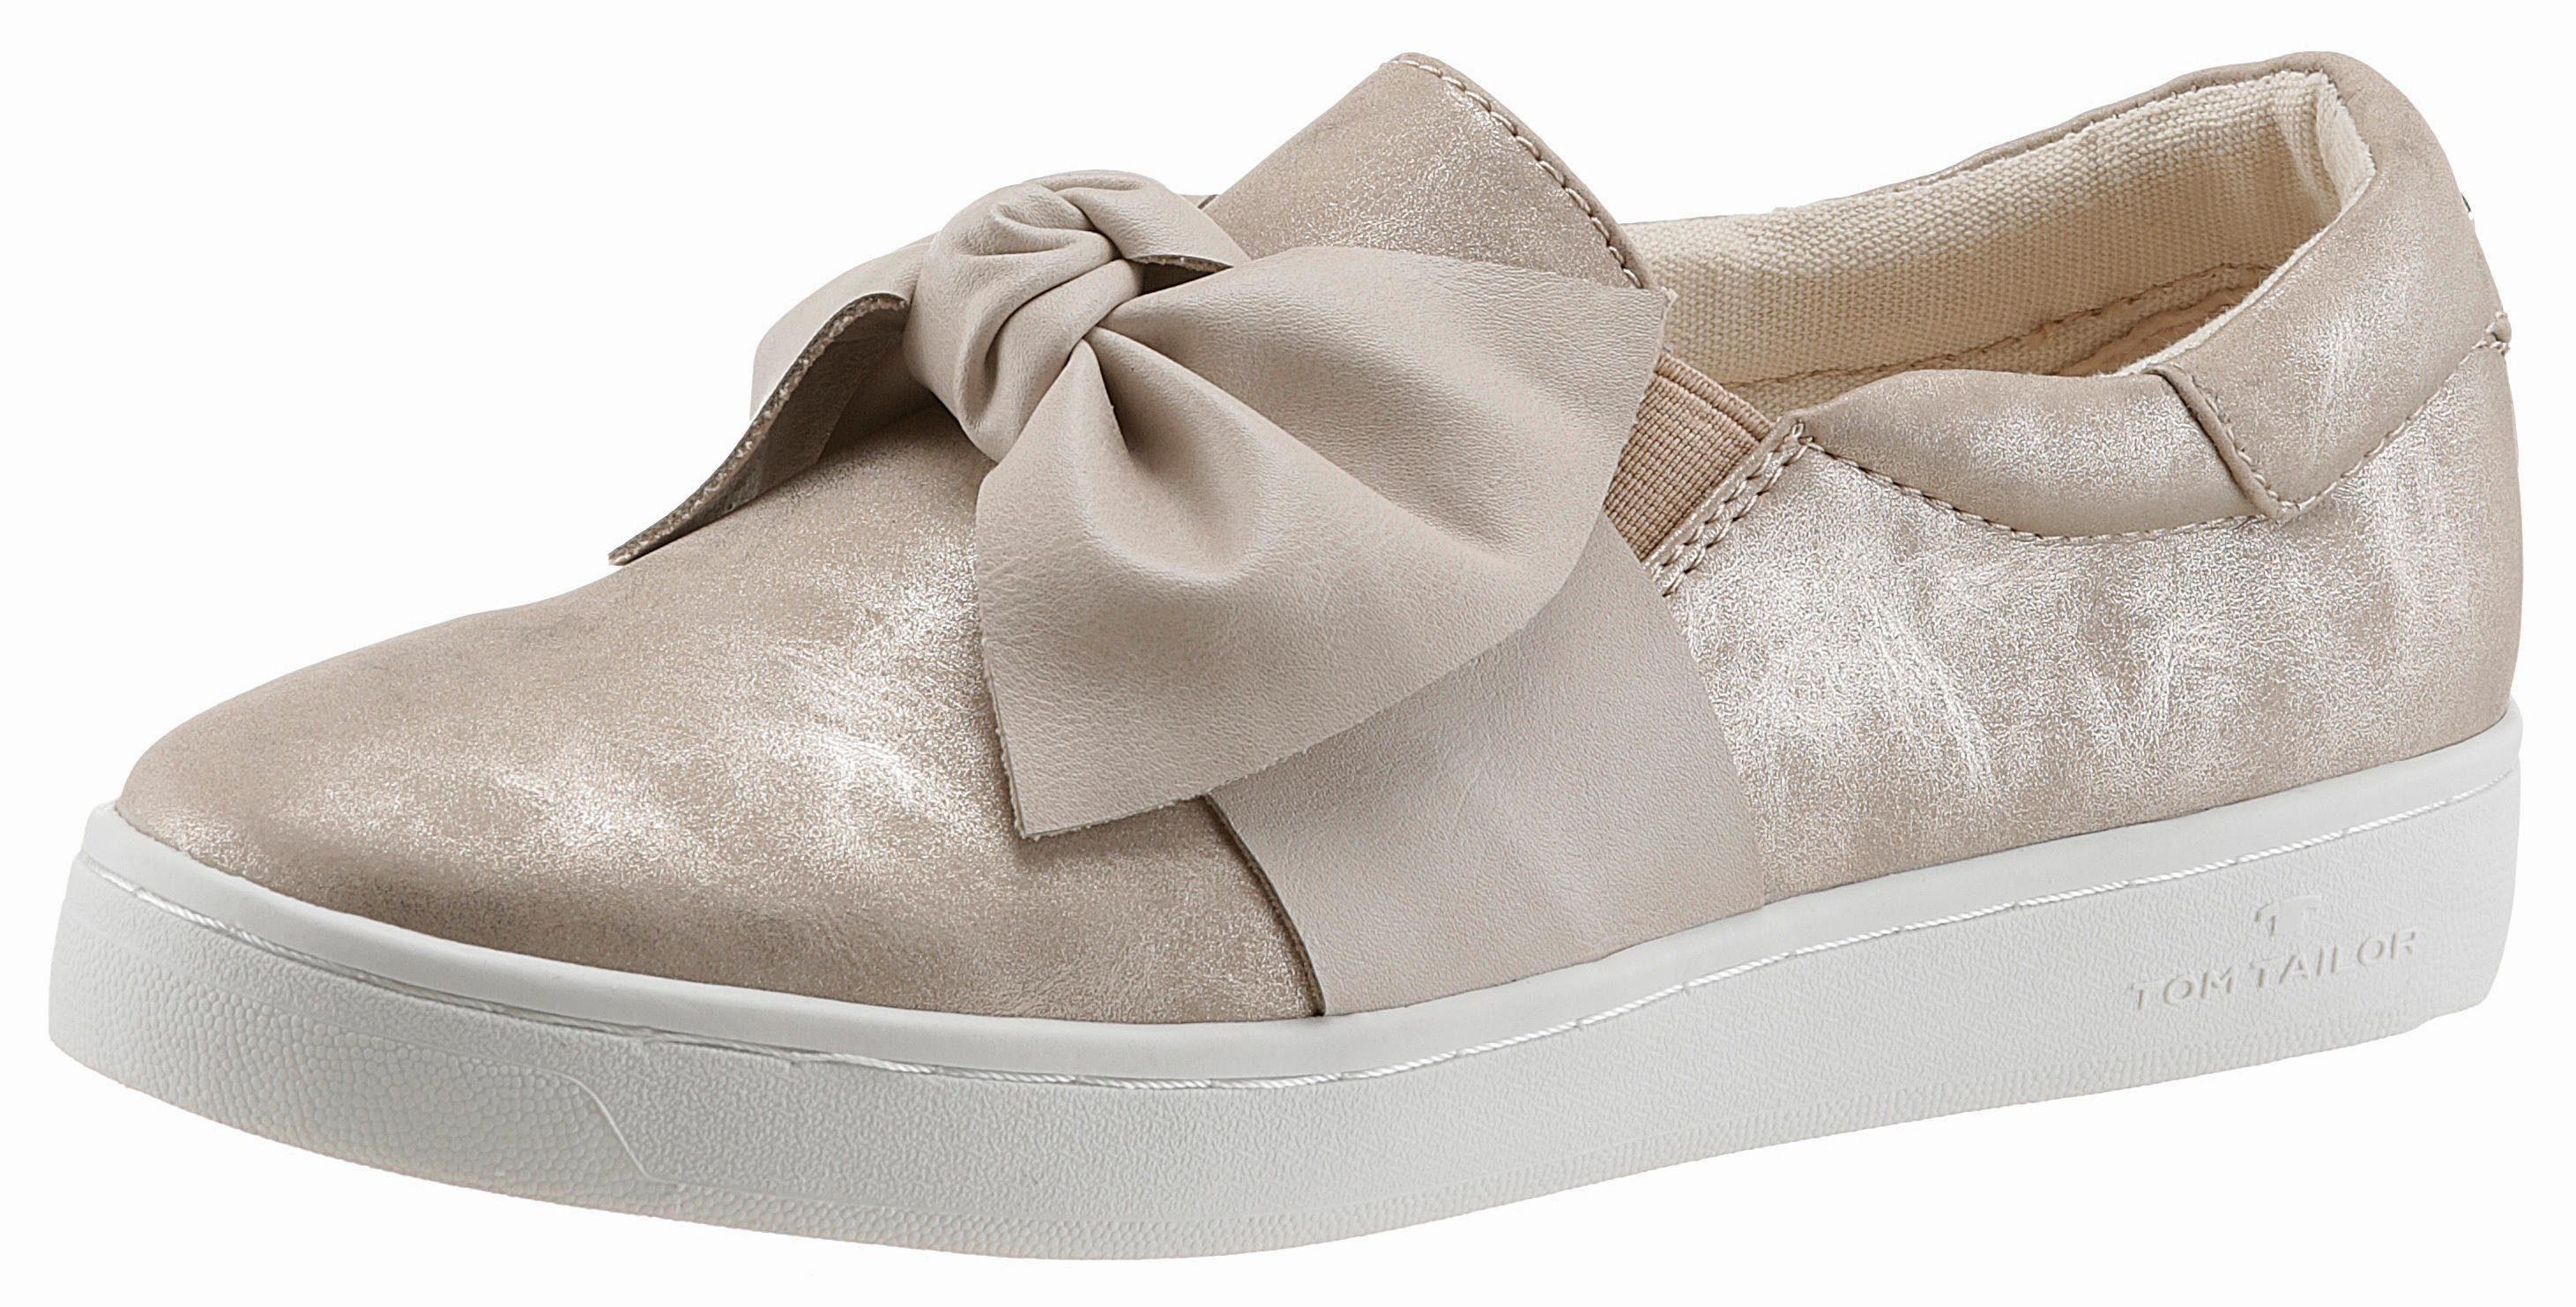 Tom Tailor Slipper, mit Zierschleife online kaufen  goldfarben